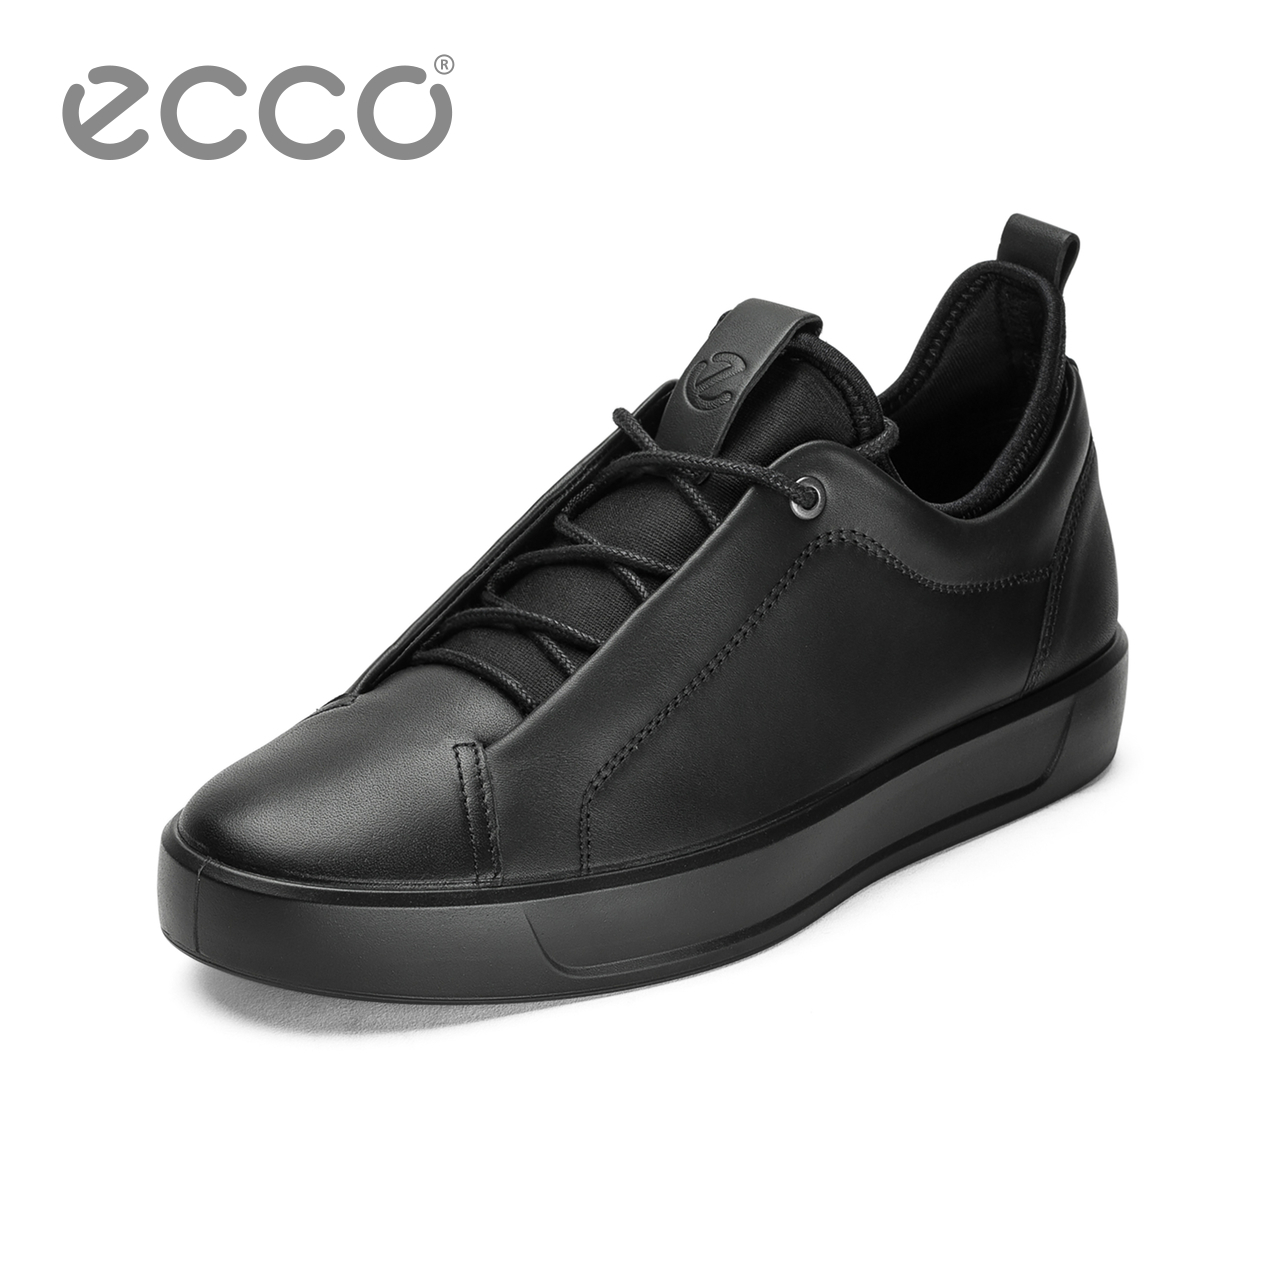 ECCO爱步2018系带运动潮鞋 透气厚底户外休闲男鞋 柔酷8号440854